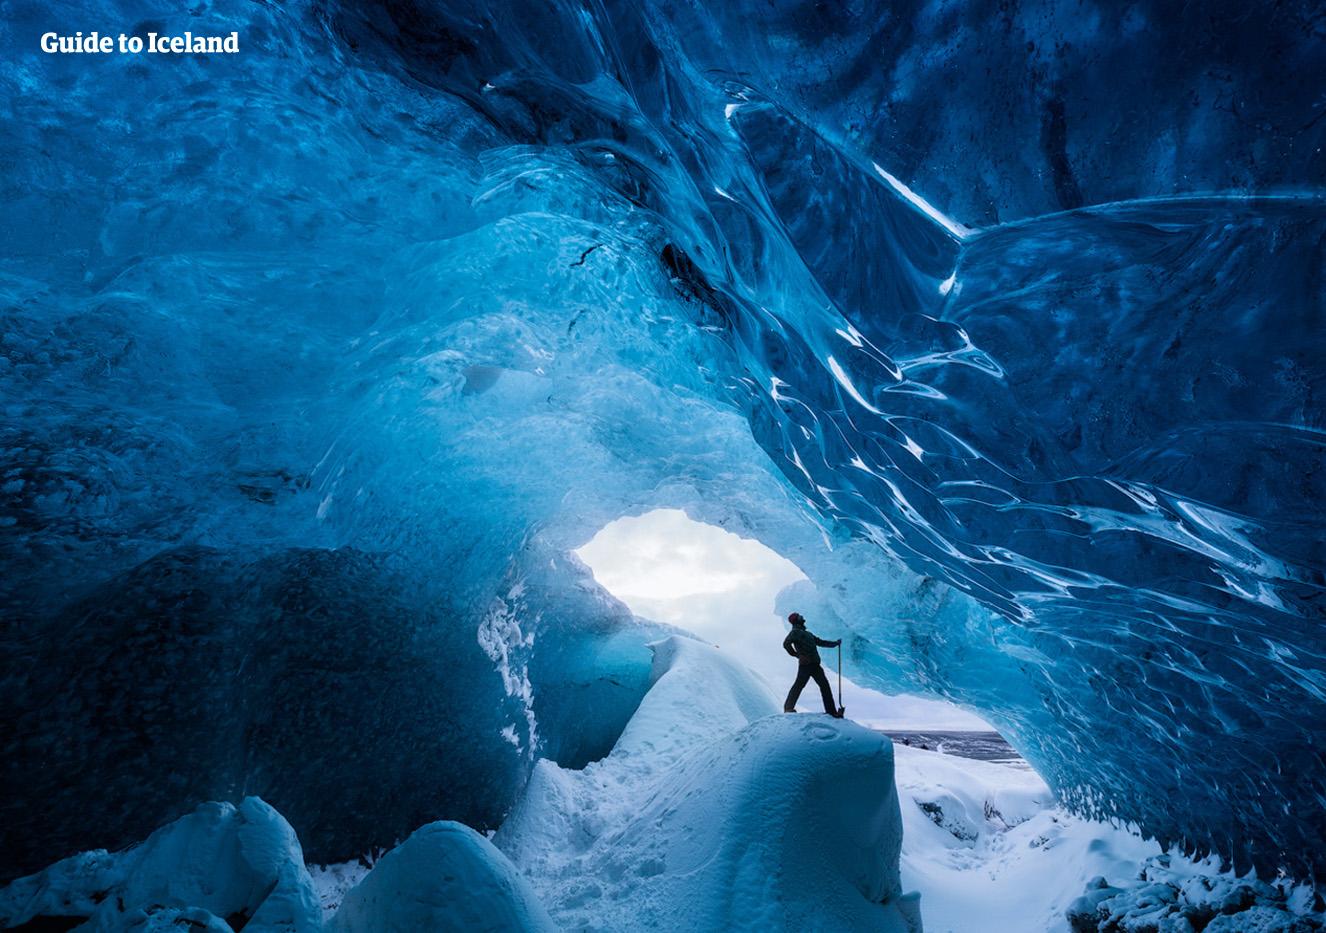 Wejście do jaskini lodowej jest jednym z najbardziej niezapomnianych wrażeń dostępnych dla odwiedzających Islandię.